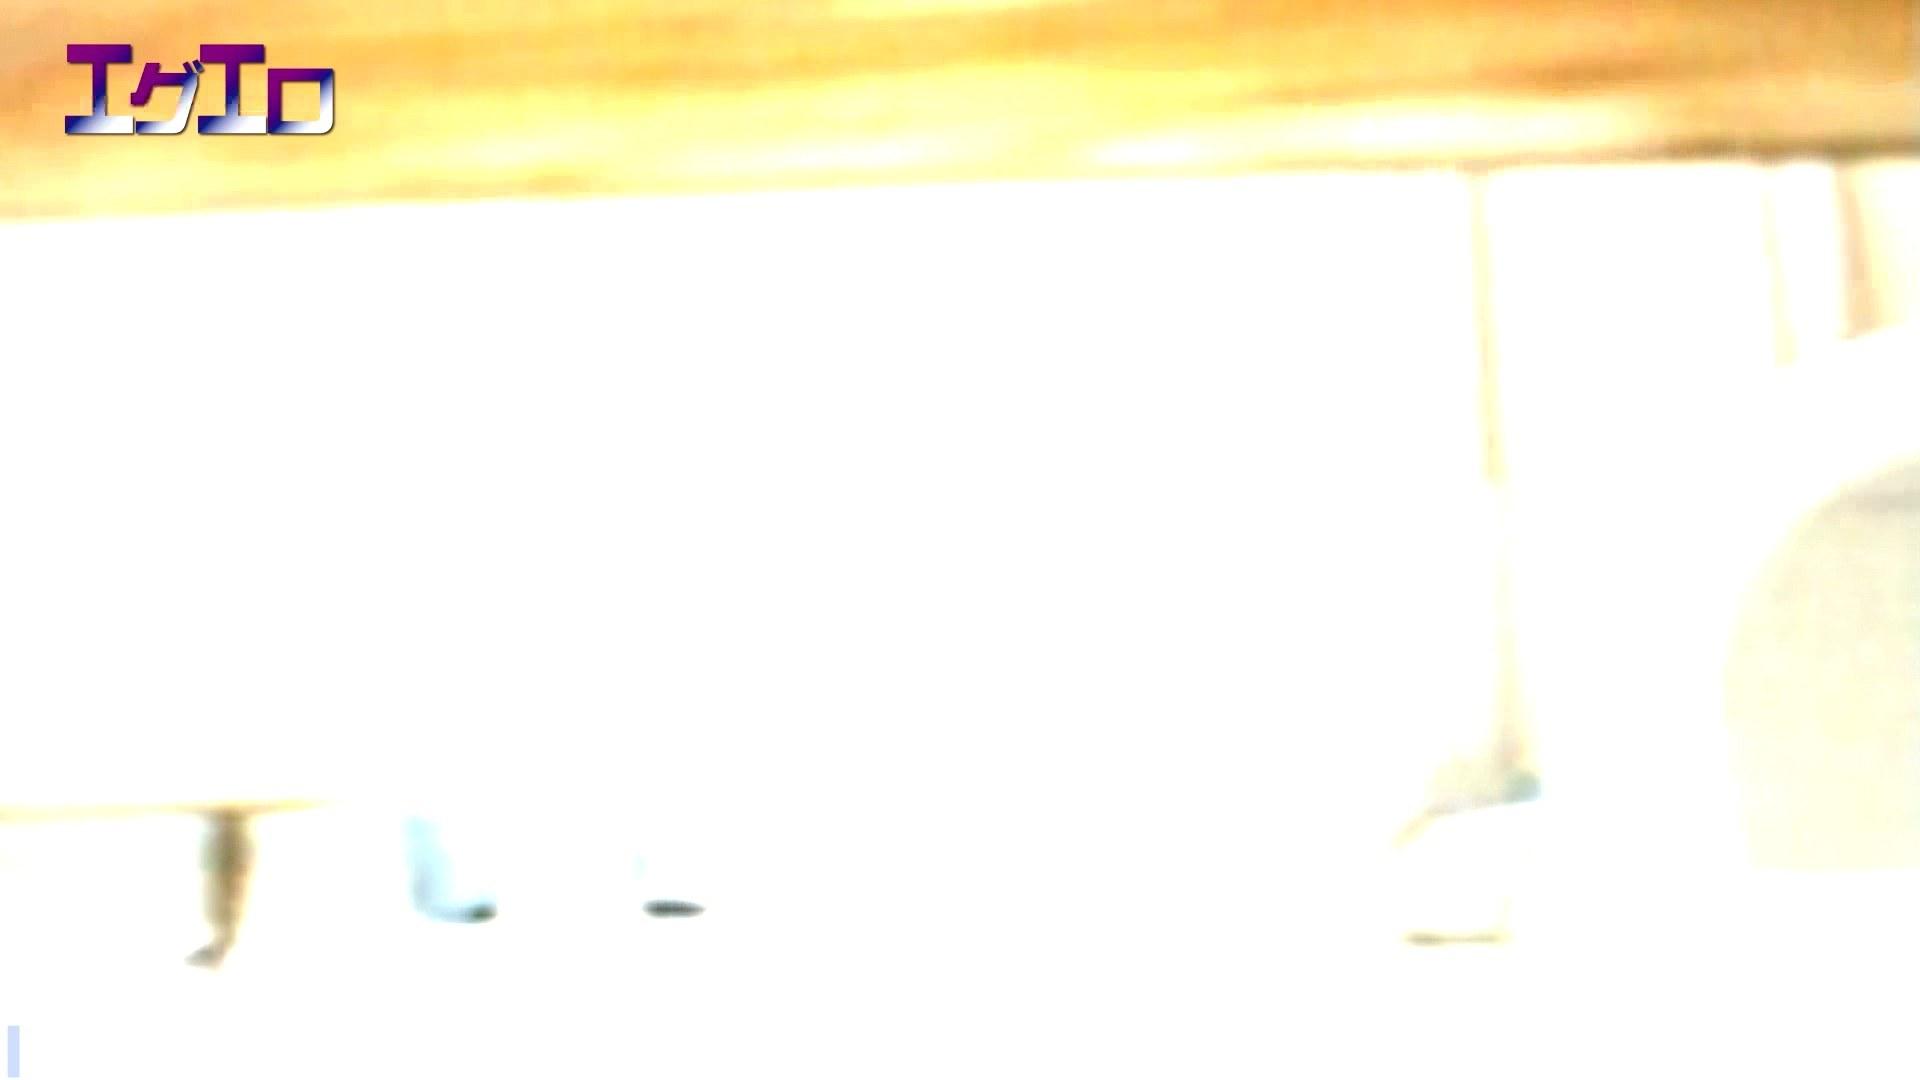 至近距離洗面所 Vol.11 民家 オメコ無修正動画無料 79画像 17